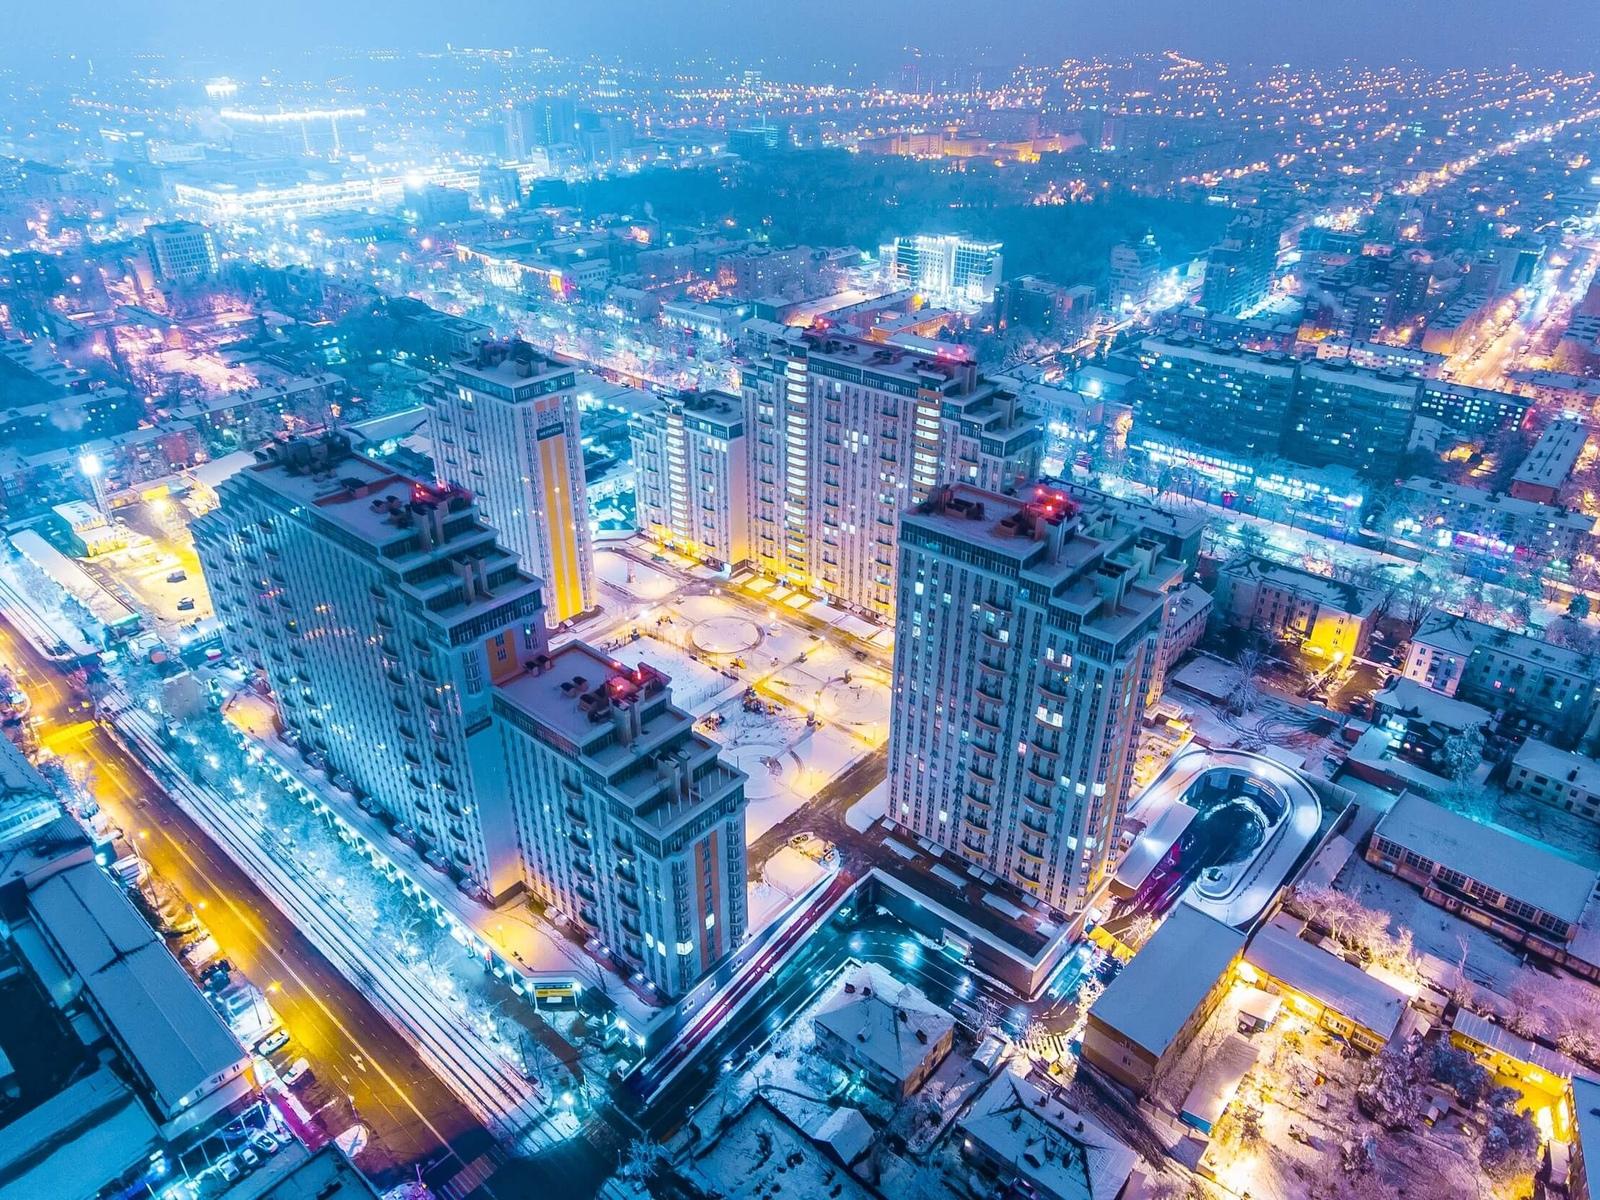 盘点2021年十大俄罗斯最富有城市插图4-小狮座俄罗斯留学